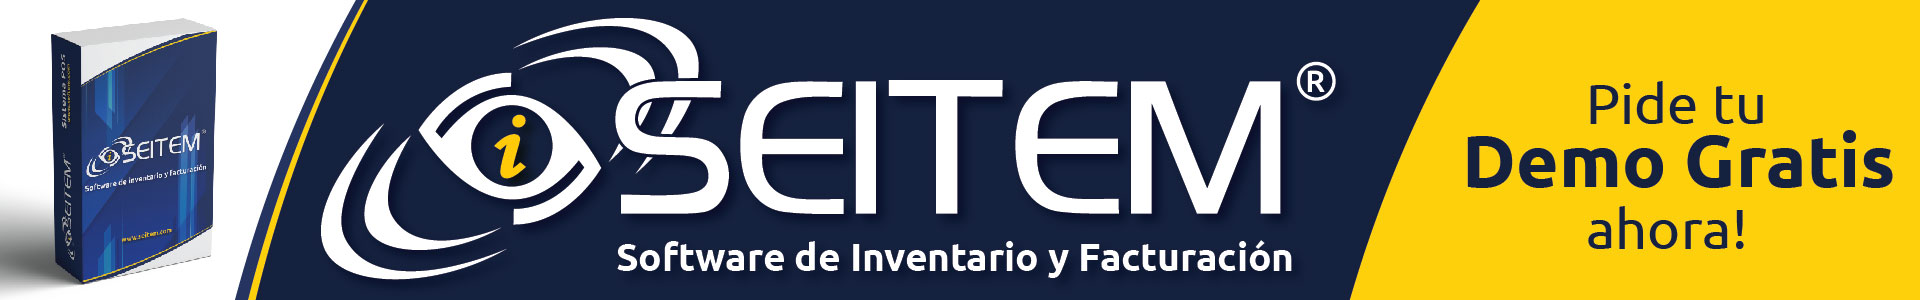 banner-blog-seitem software inventario facturacion electronica pos factura-01